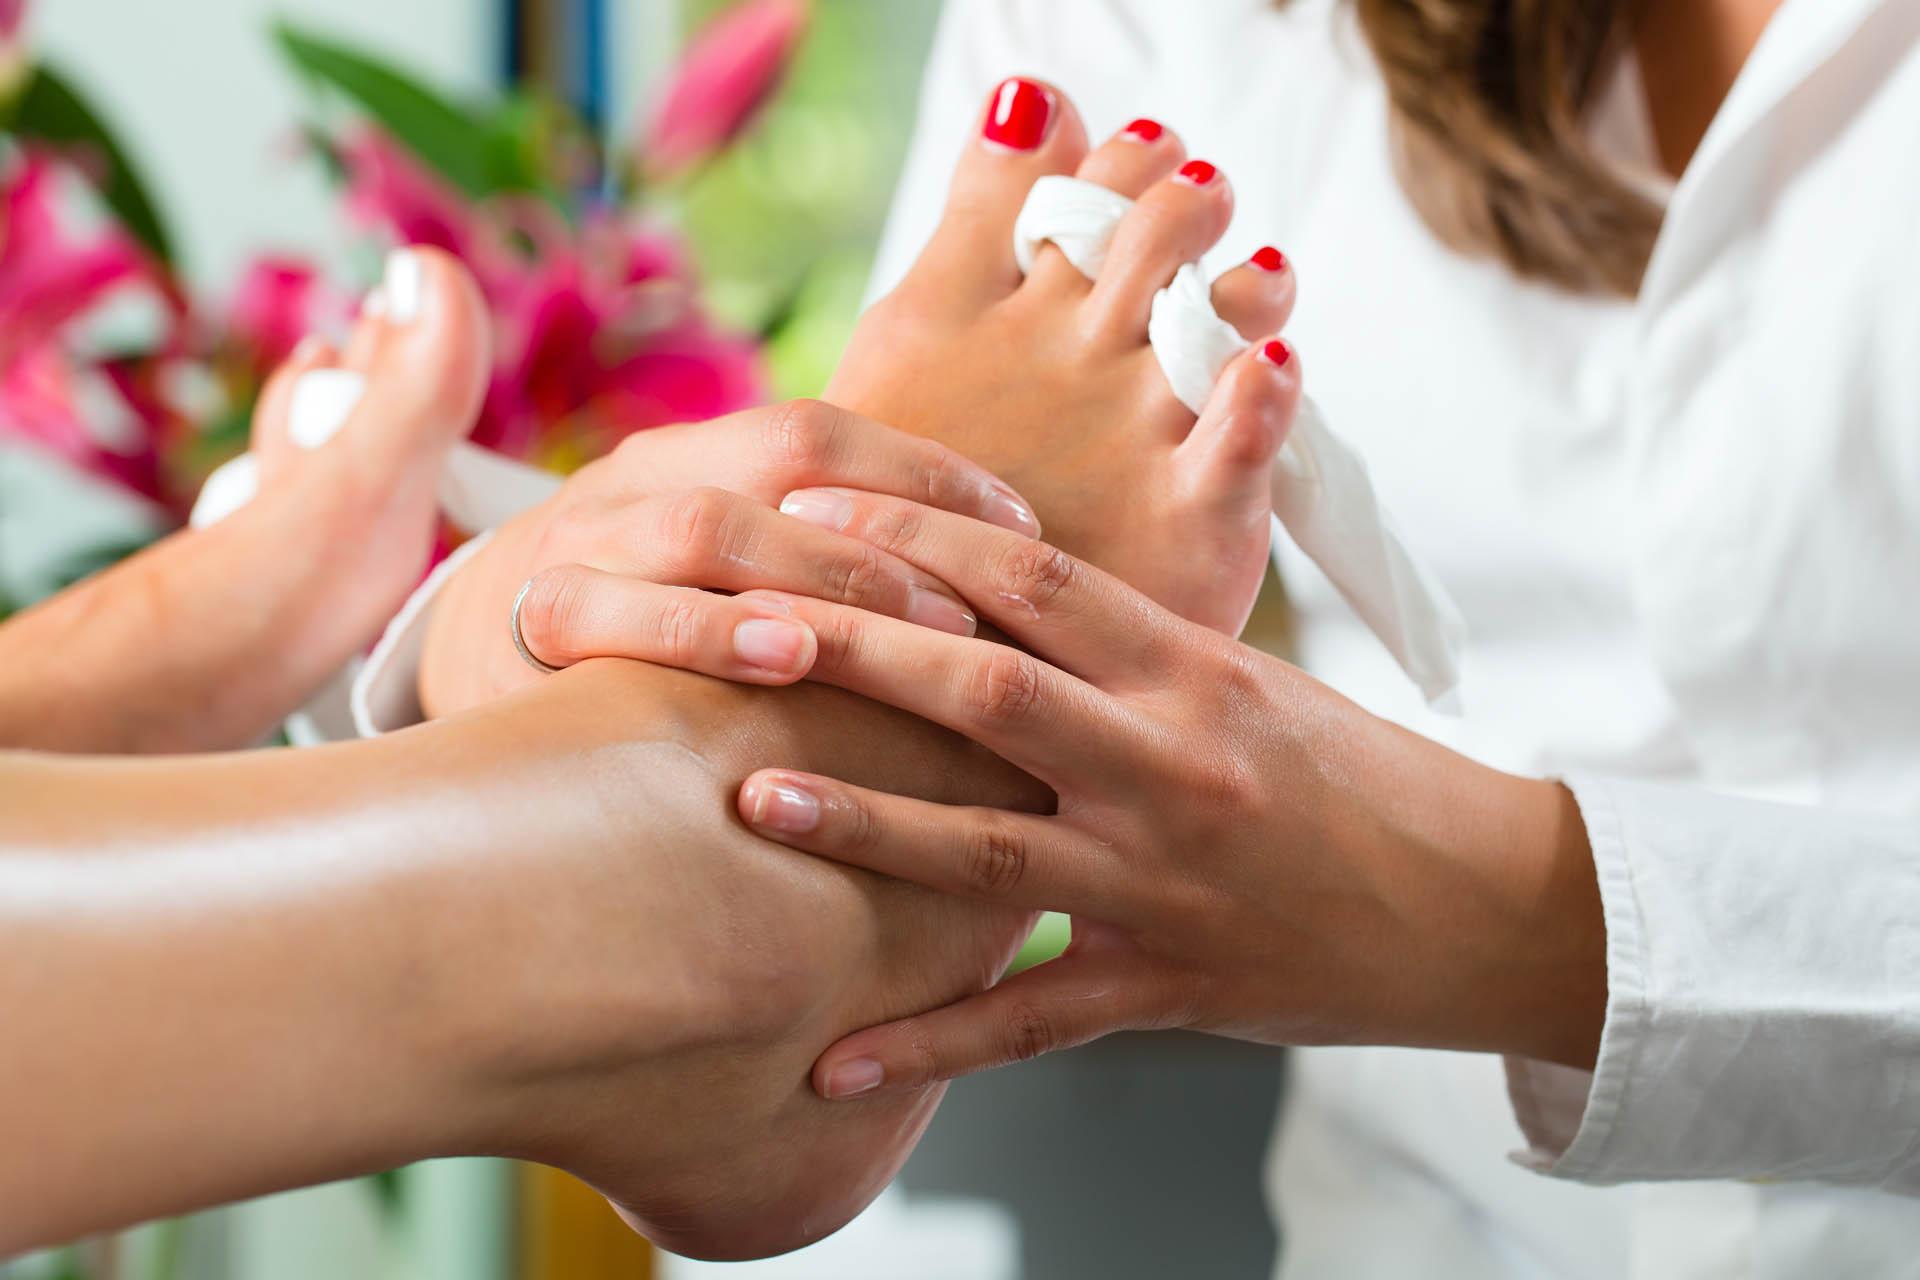 Fußpflege - Fußpflege